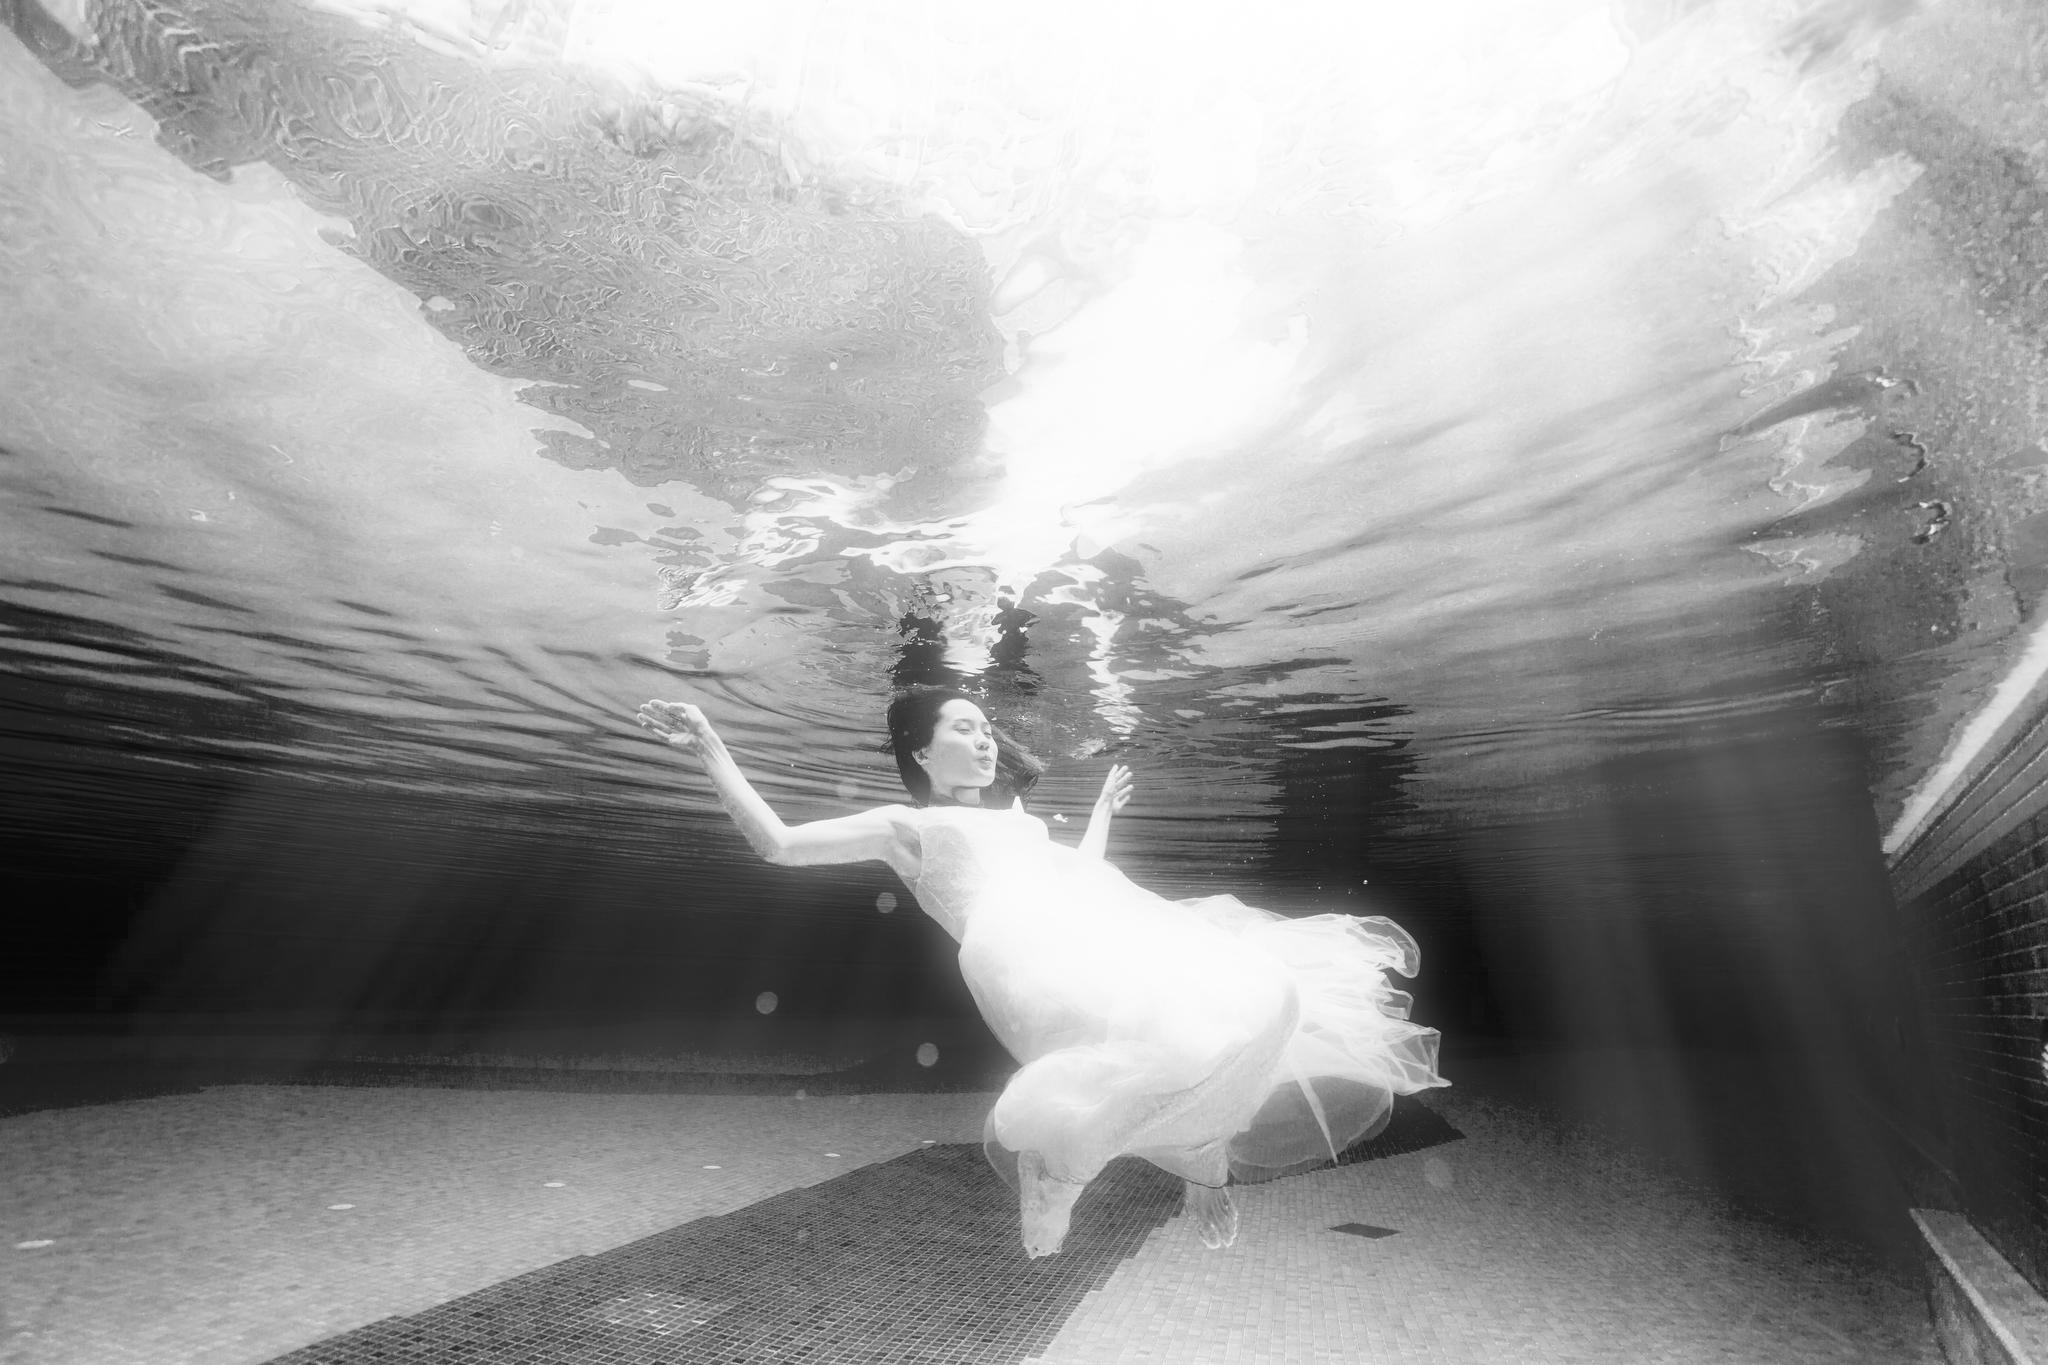 Joey & Amily Underwater  (41 of 50).JPG